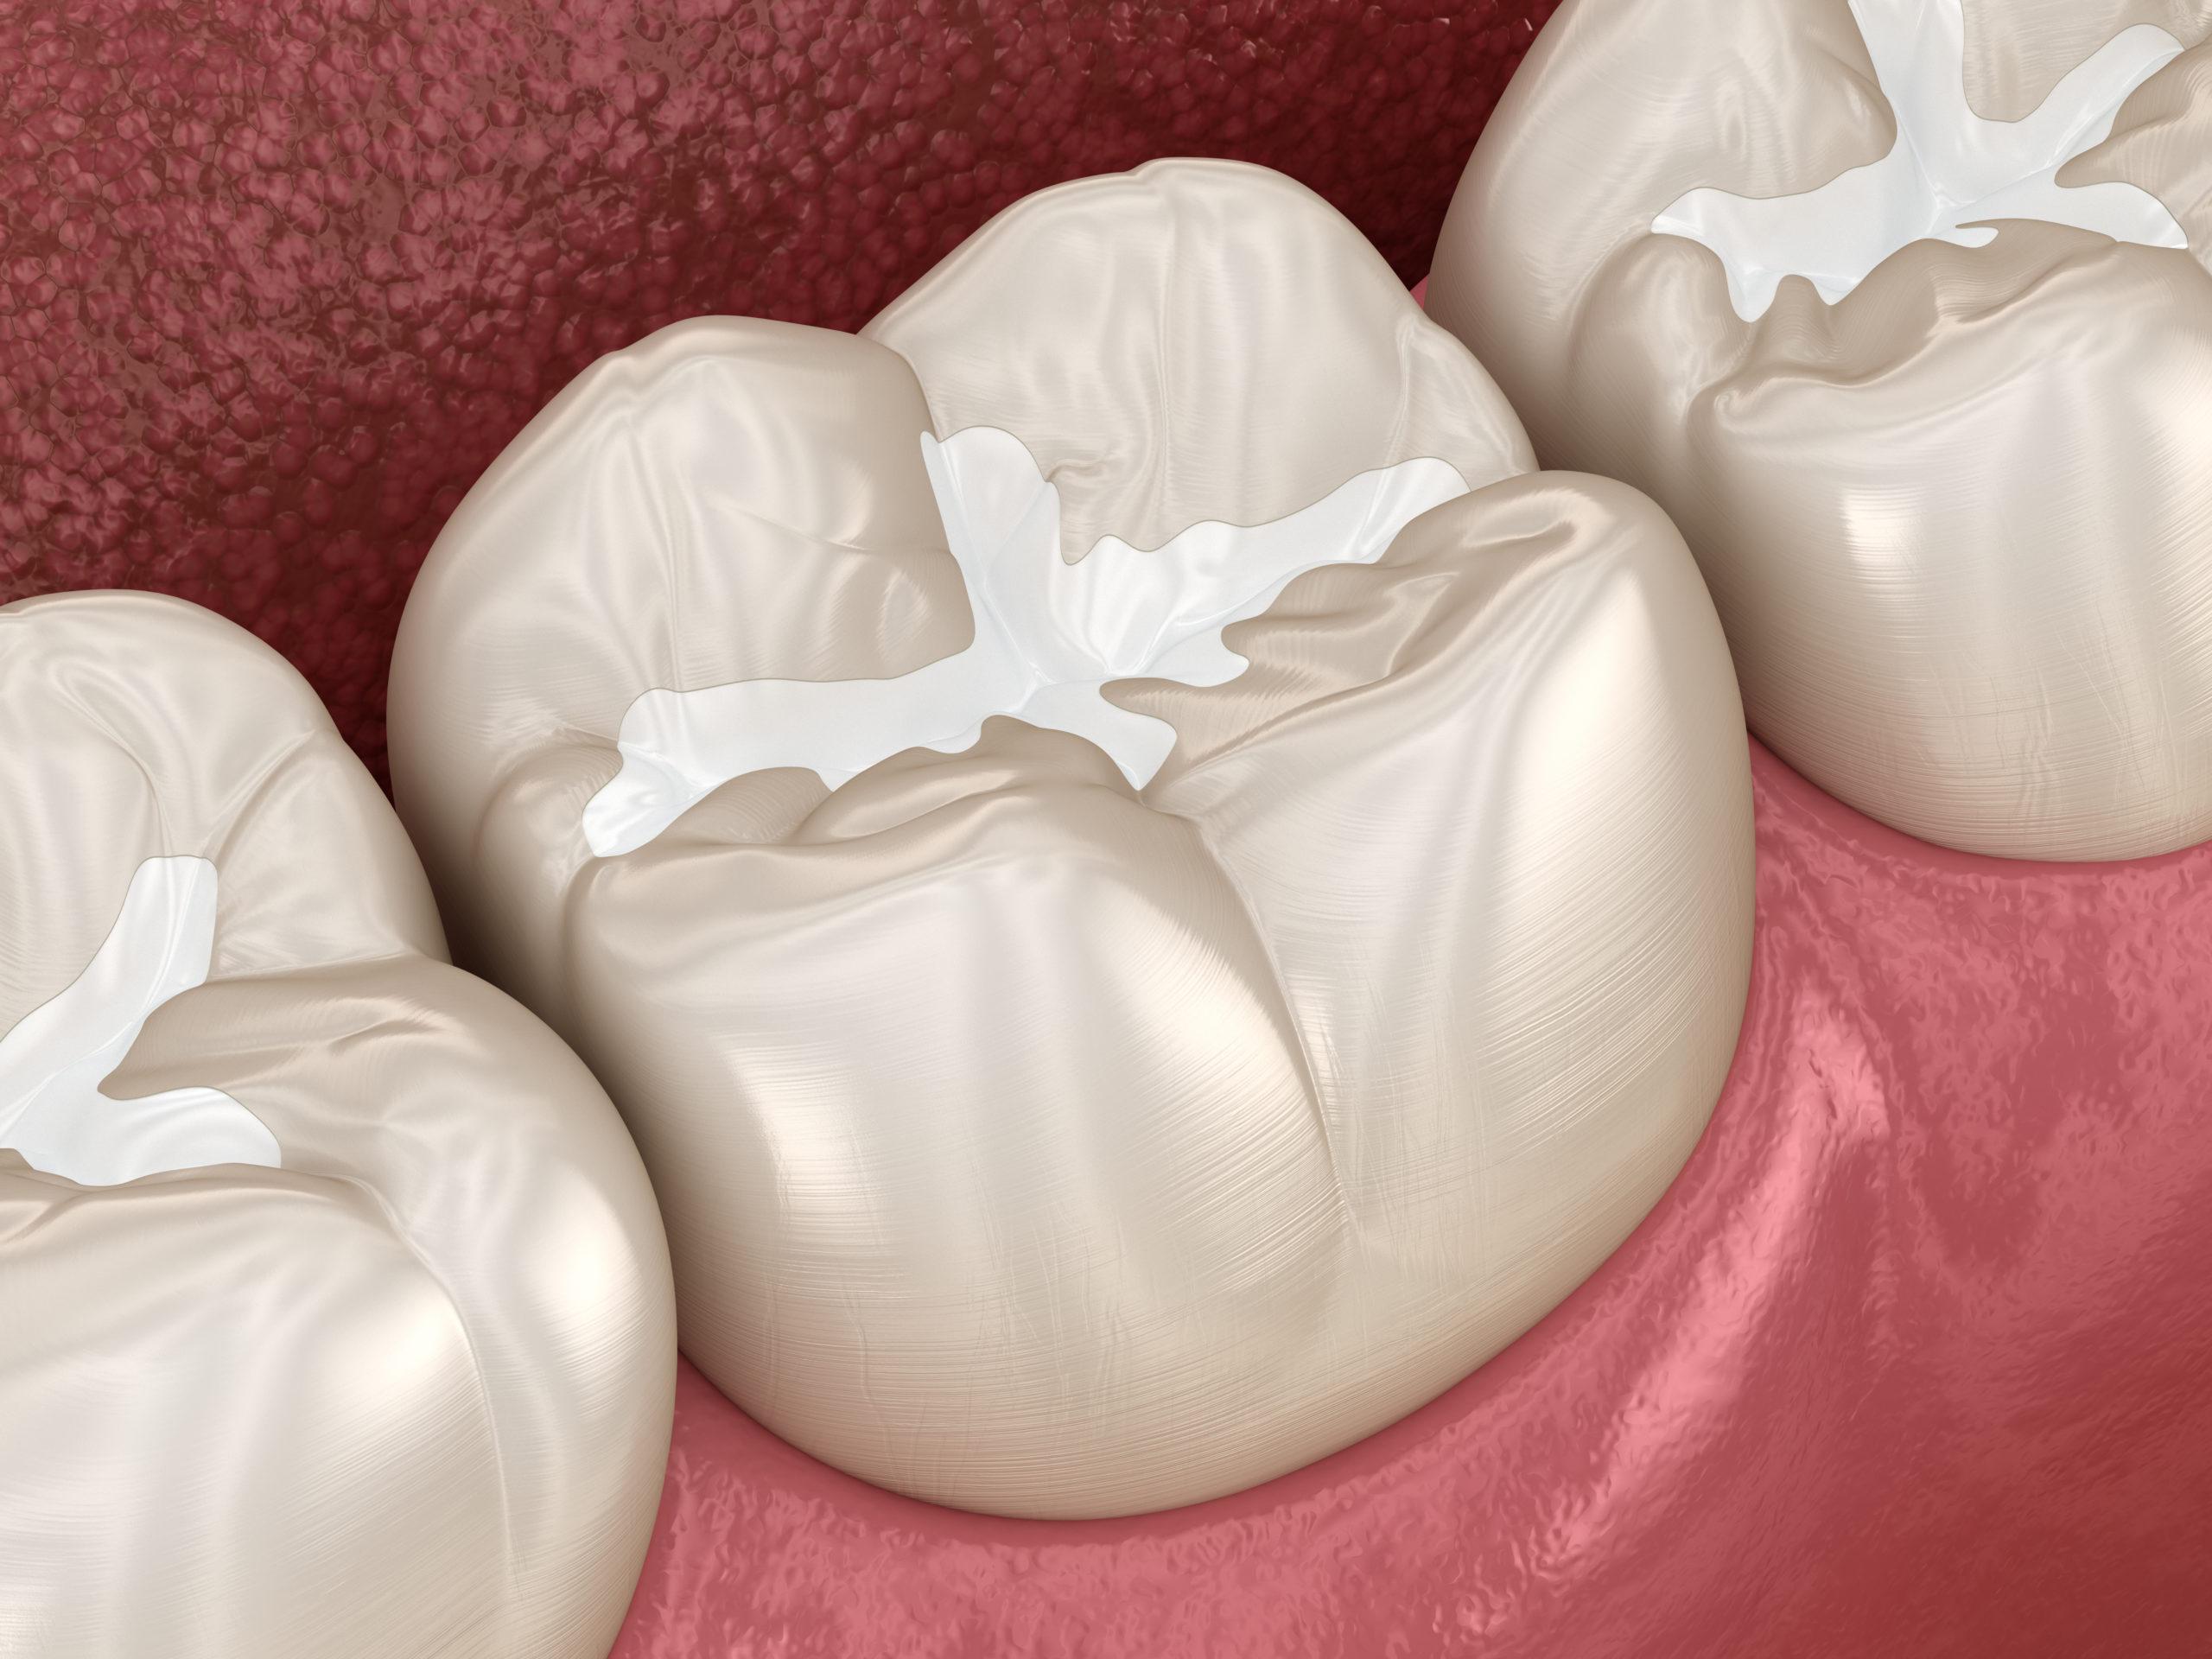 family dentistry canyon trails family dental goodyear az services dental sealants